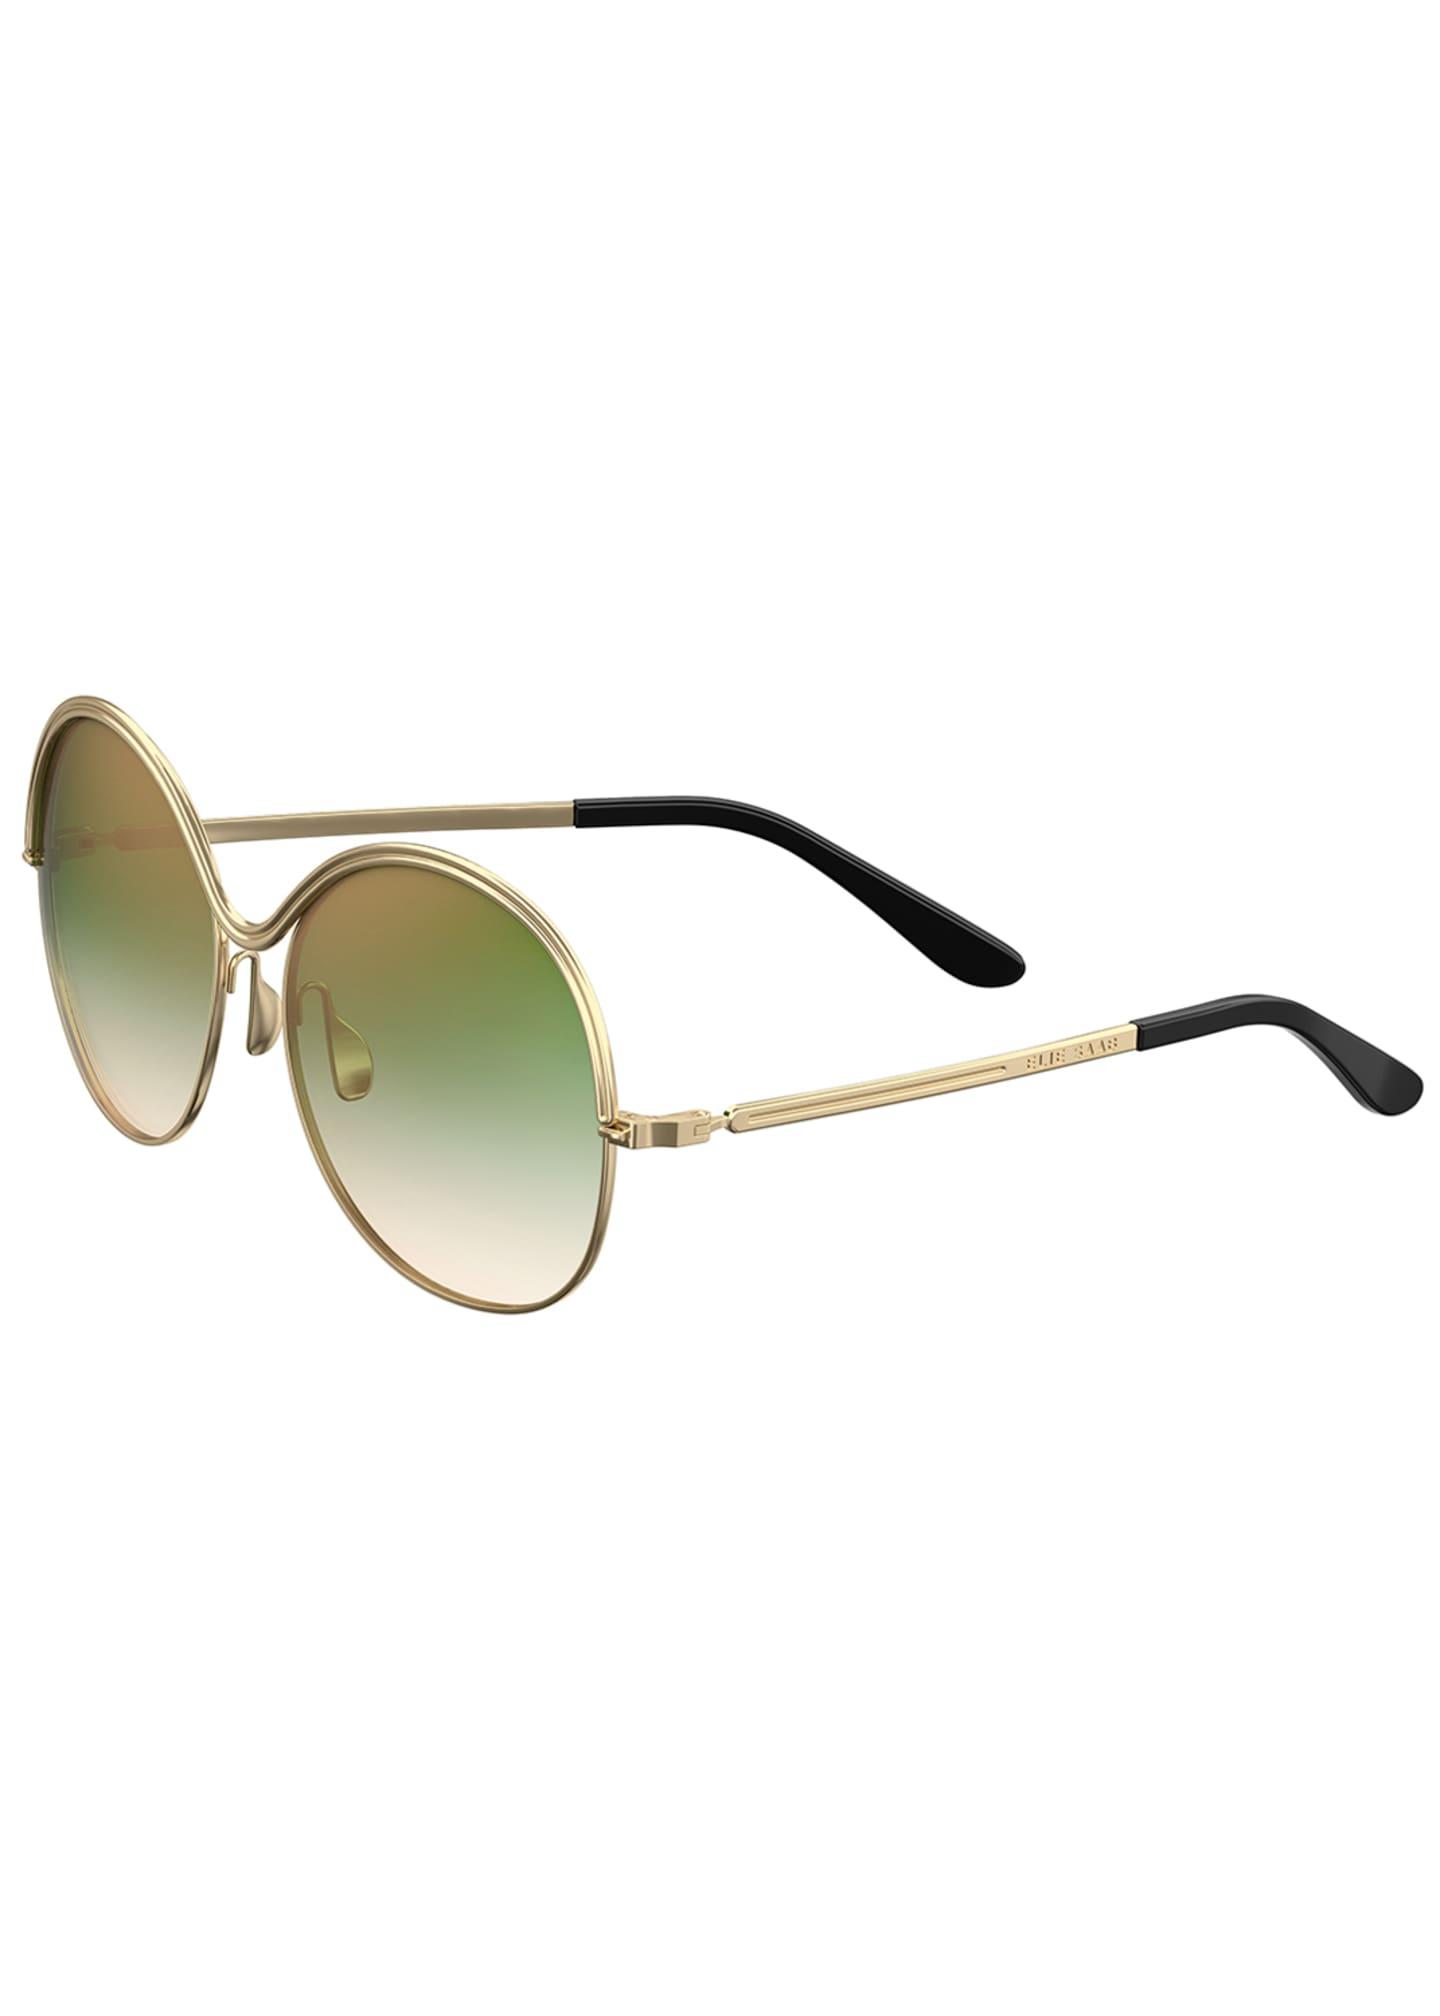 Elie Saab Round Ridged-Frame Gradient Sunglasses